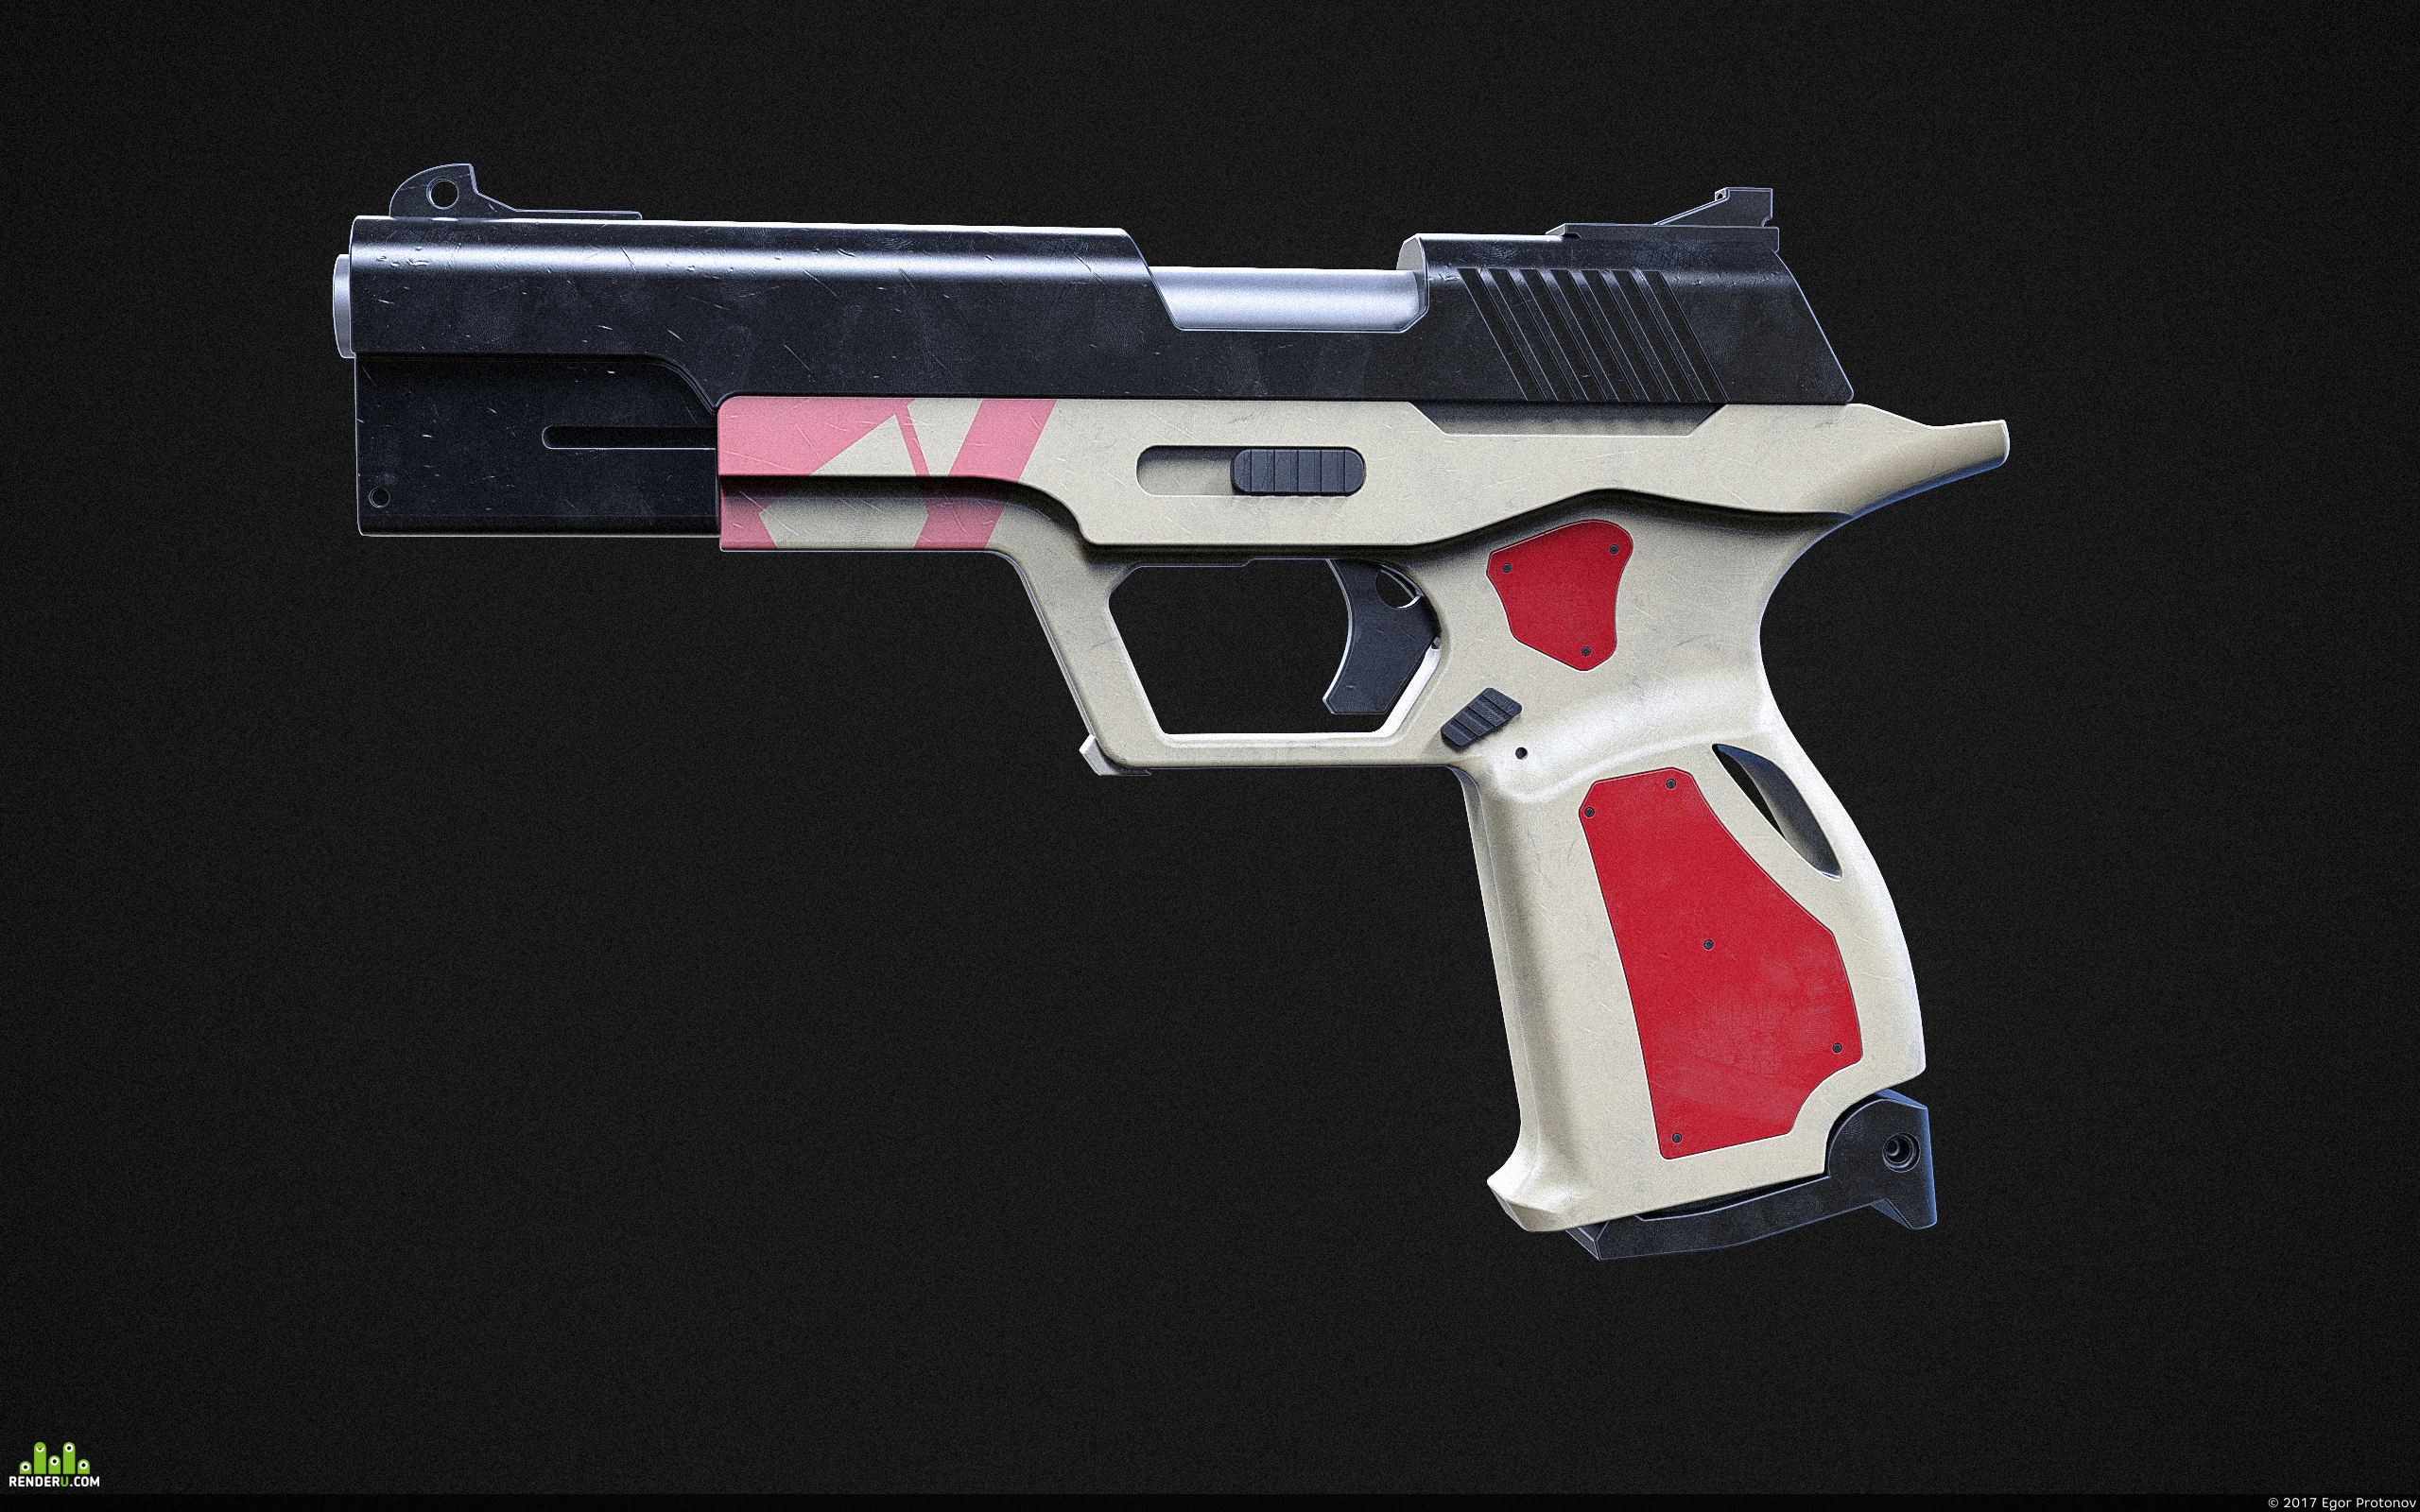 preview Pistol concept